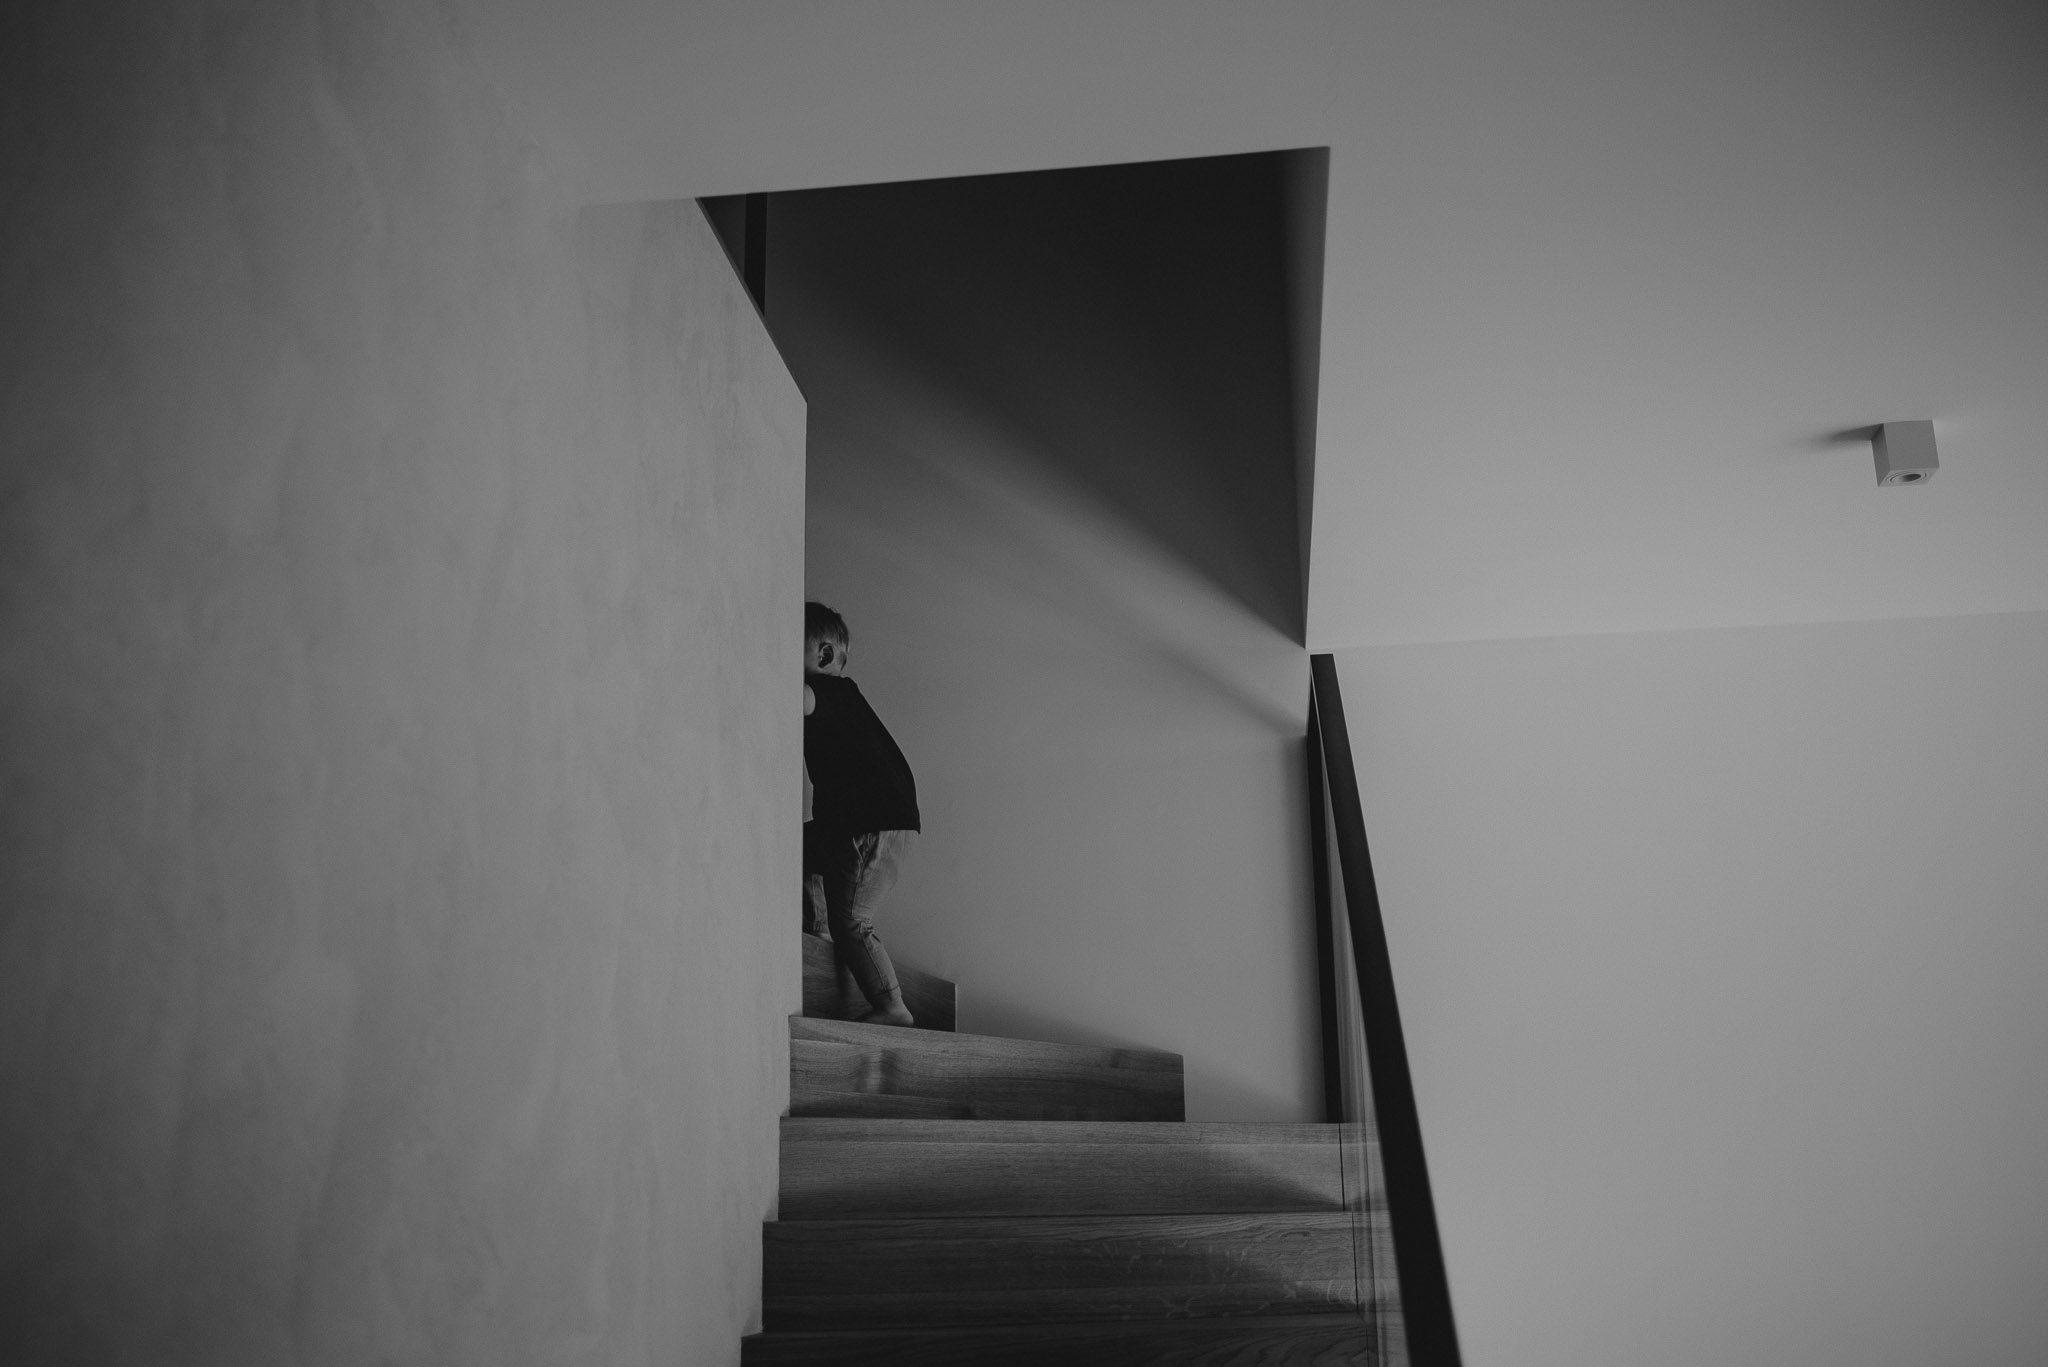 Chłopiec wchodzi po schodach - sesja noworodkowa lifestyle w Poznaniu